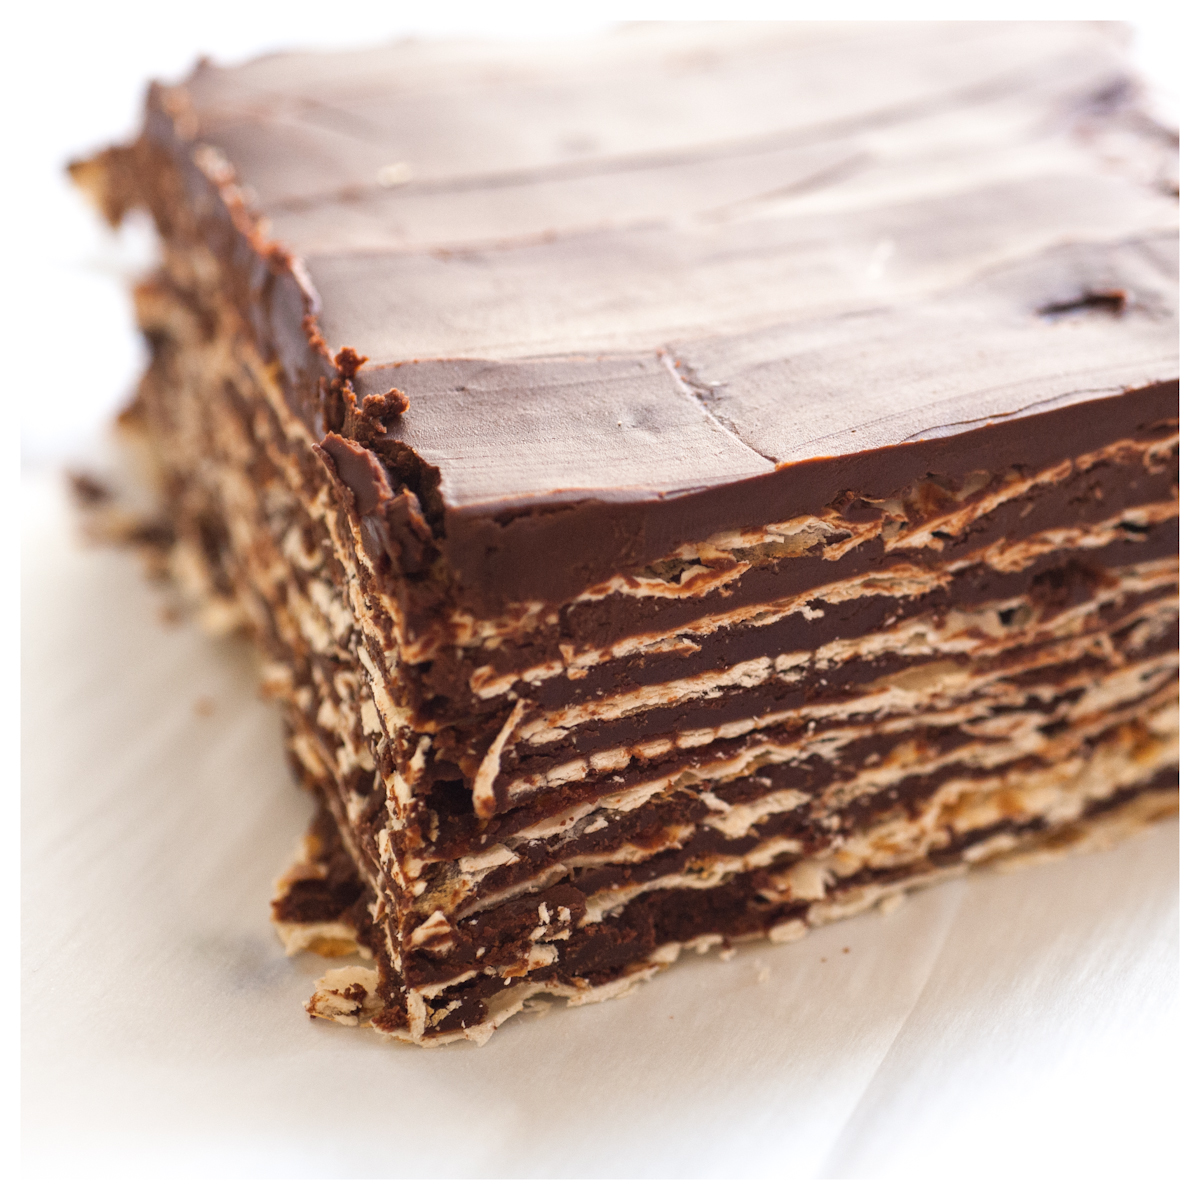 הבלוג של לייזה פאנלים | יומן מטבח קטן של עקרת בית גדולה | עוגת מצות שוקולד 3